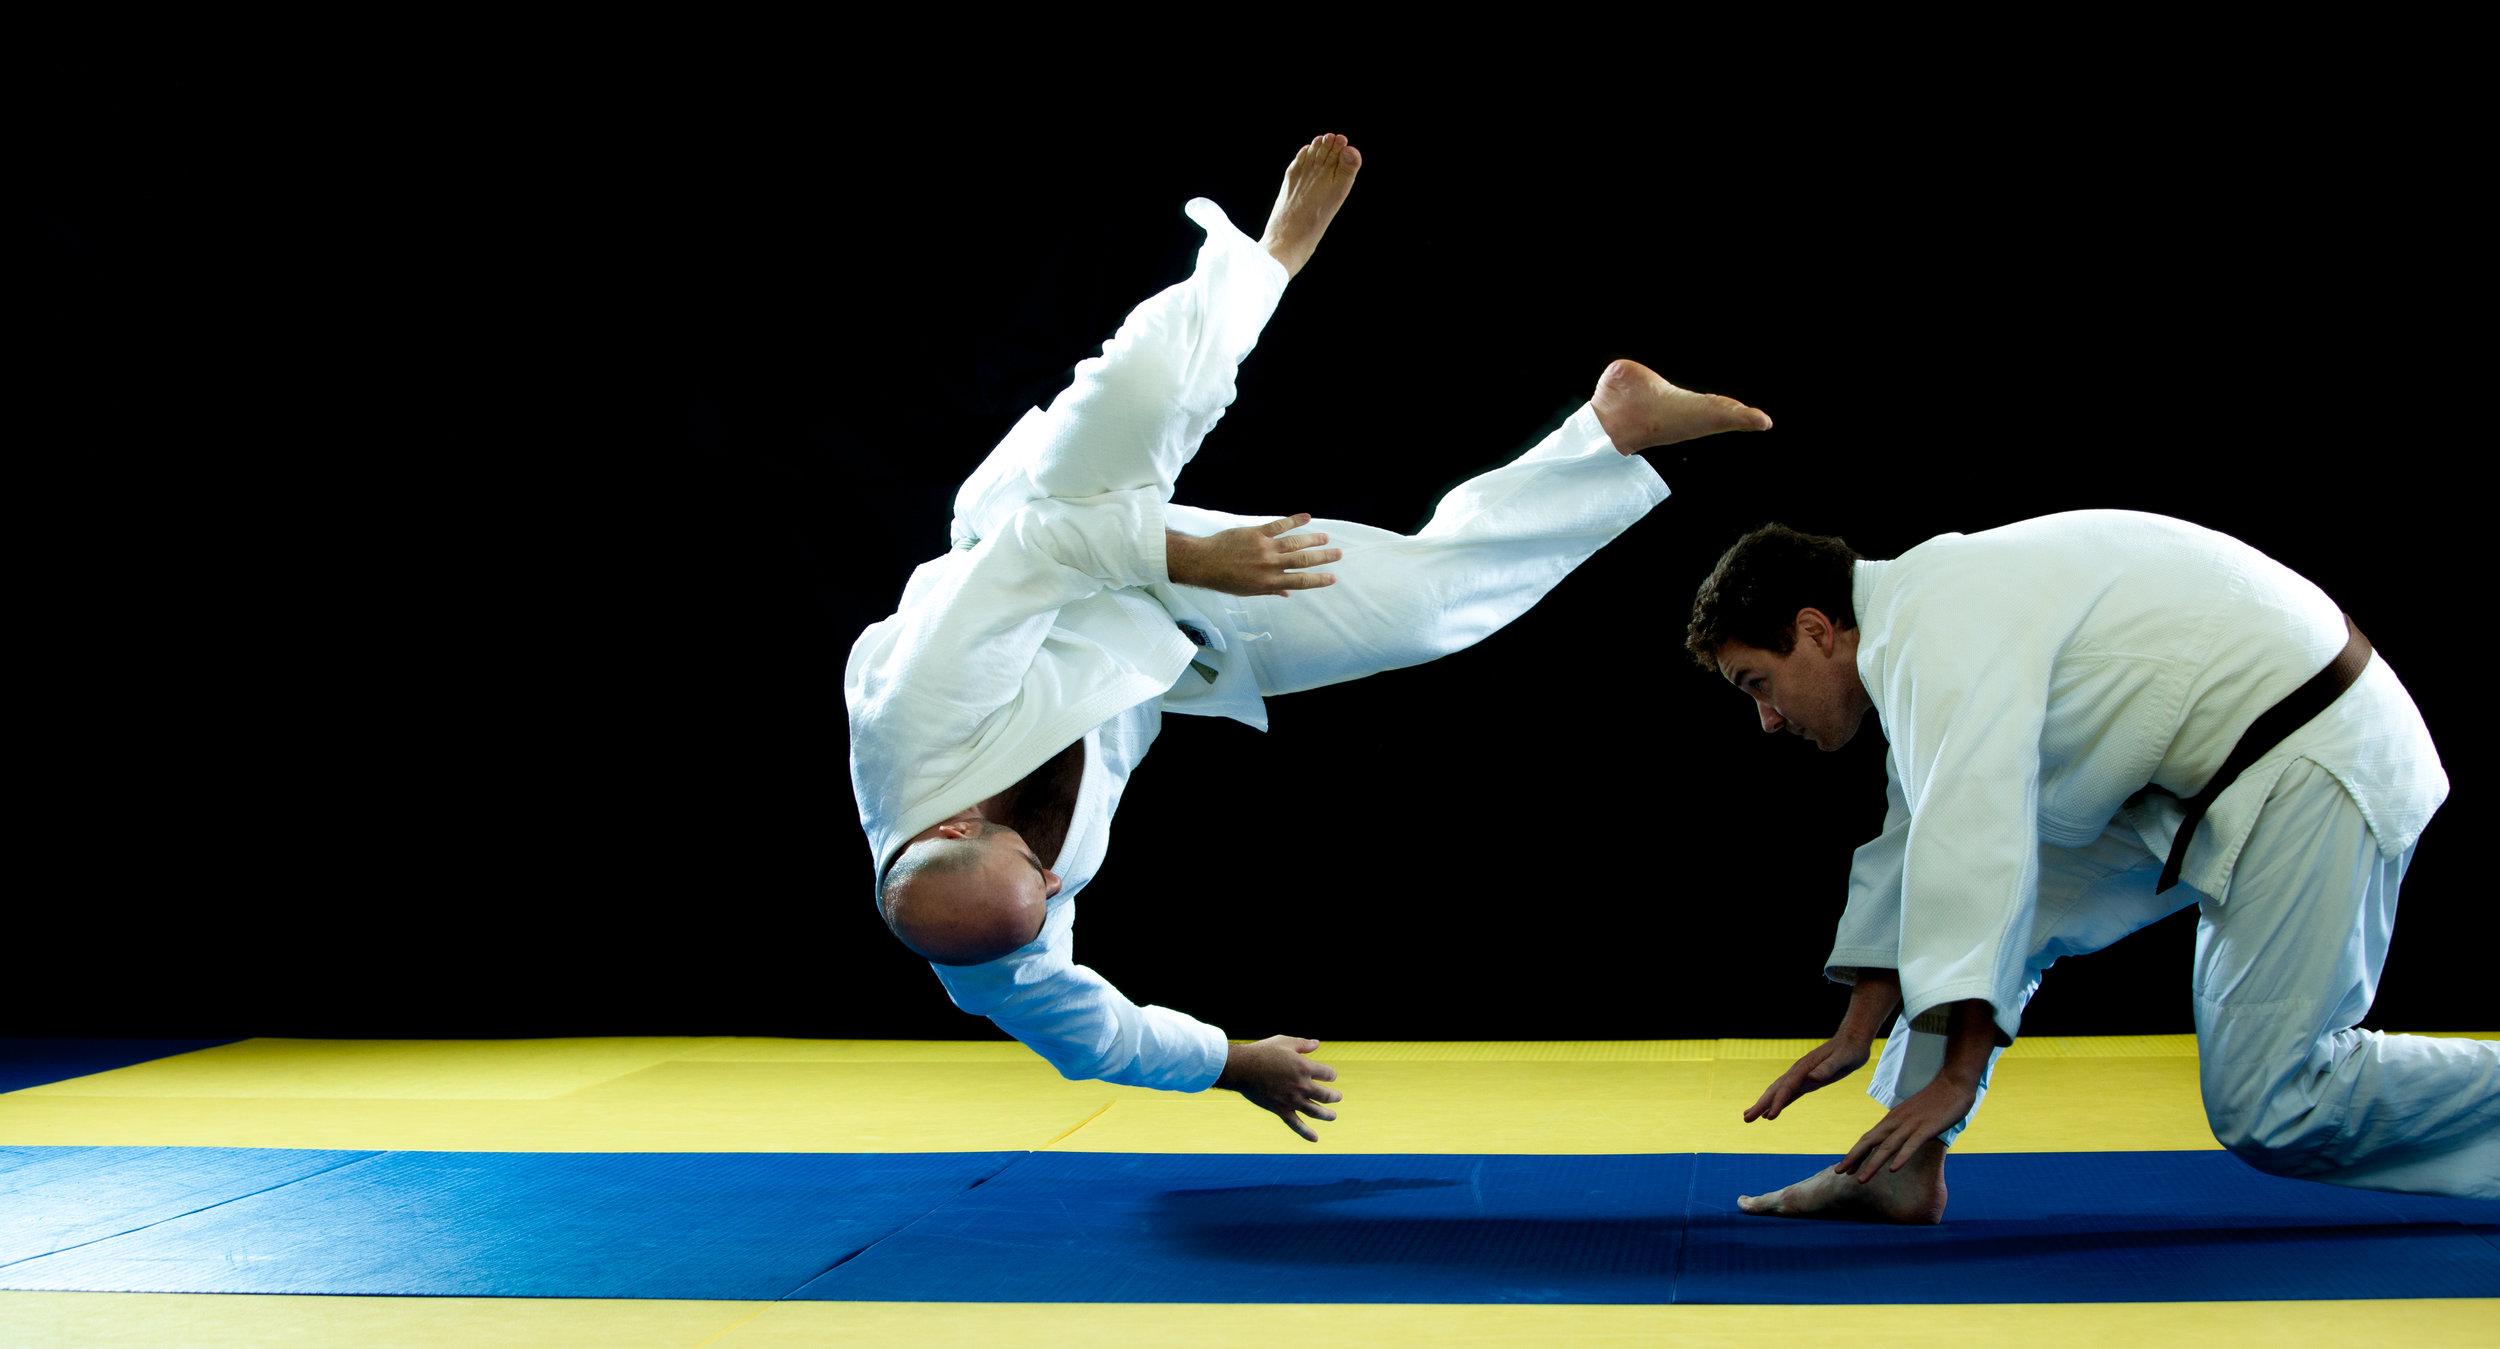 aikido-49.jpg